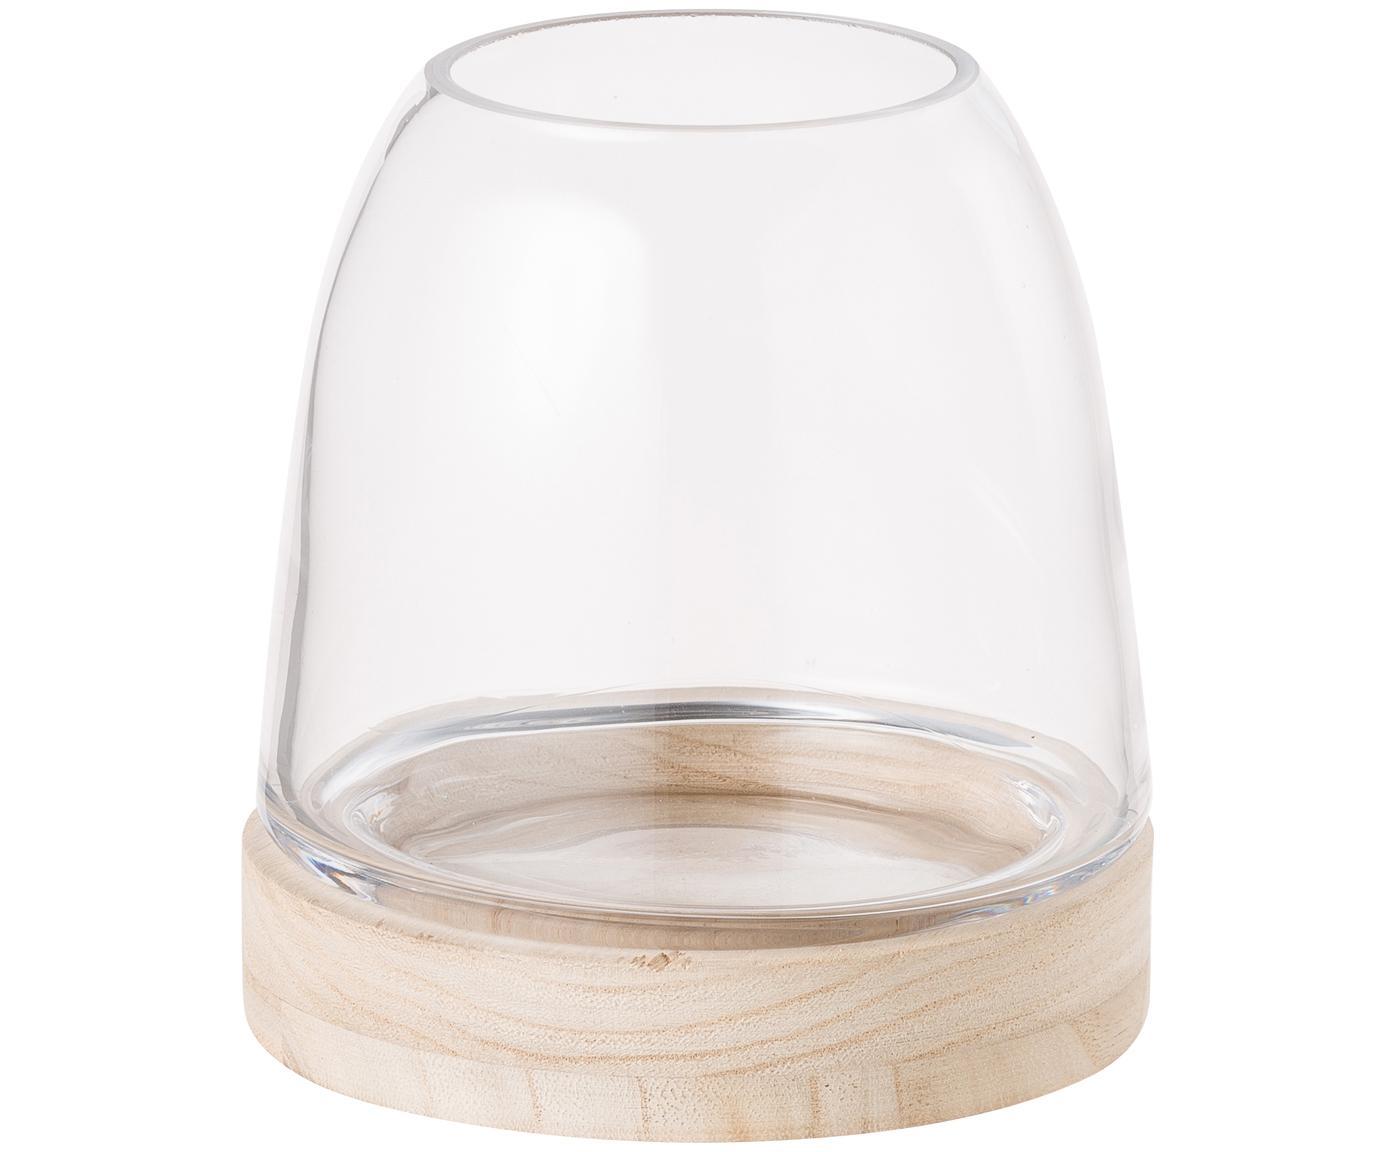 Portacandela in vetro e legno Filio, Legno di paulownia, vetro, Marrone chiaro, trasparente, Ø 13 x Alt. 13 cm